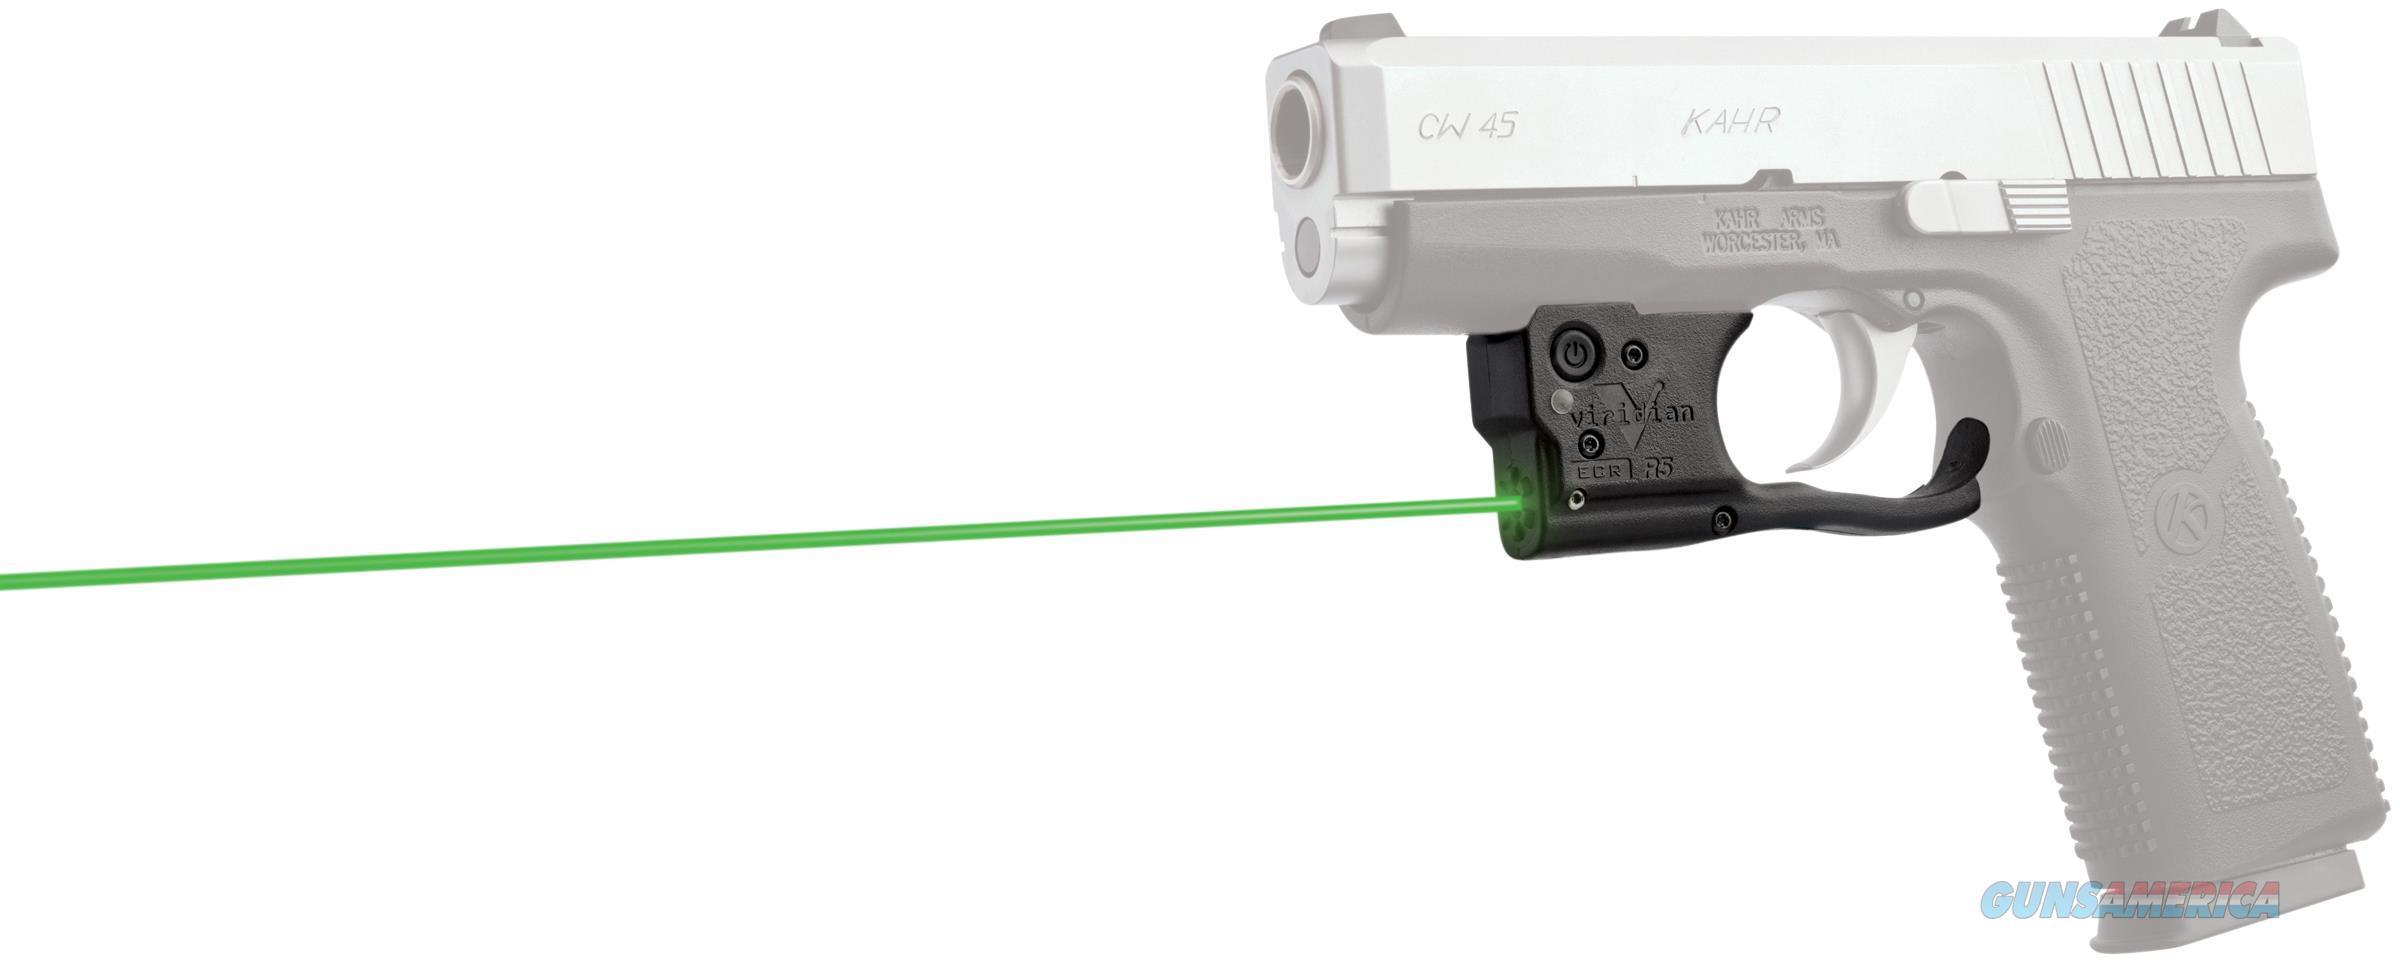 Viridian R5pm45 Reactor R5 Green Laser Kahr Arms Pm45 Trigger Guard R5-PM45  Non-Guns > Iron/Metal/Peep Sights